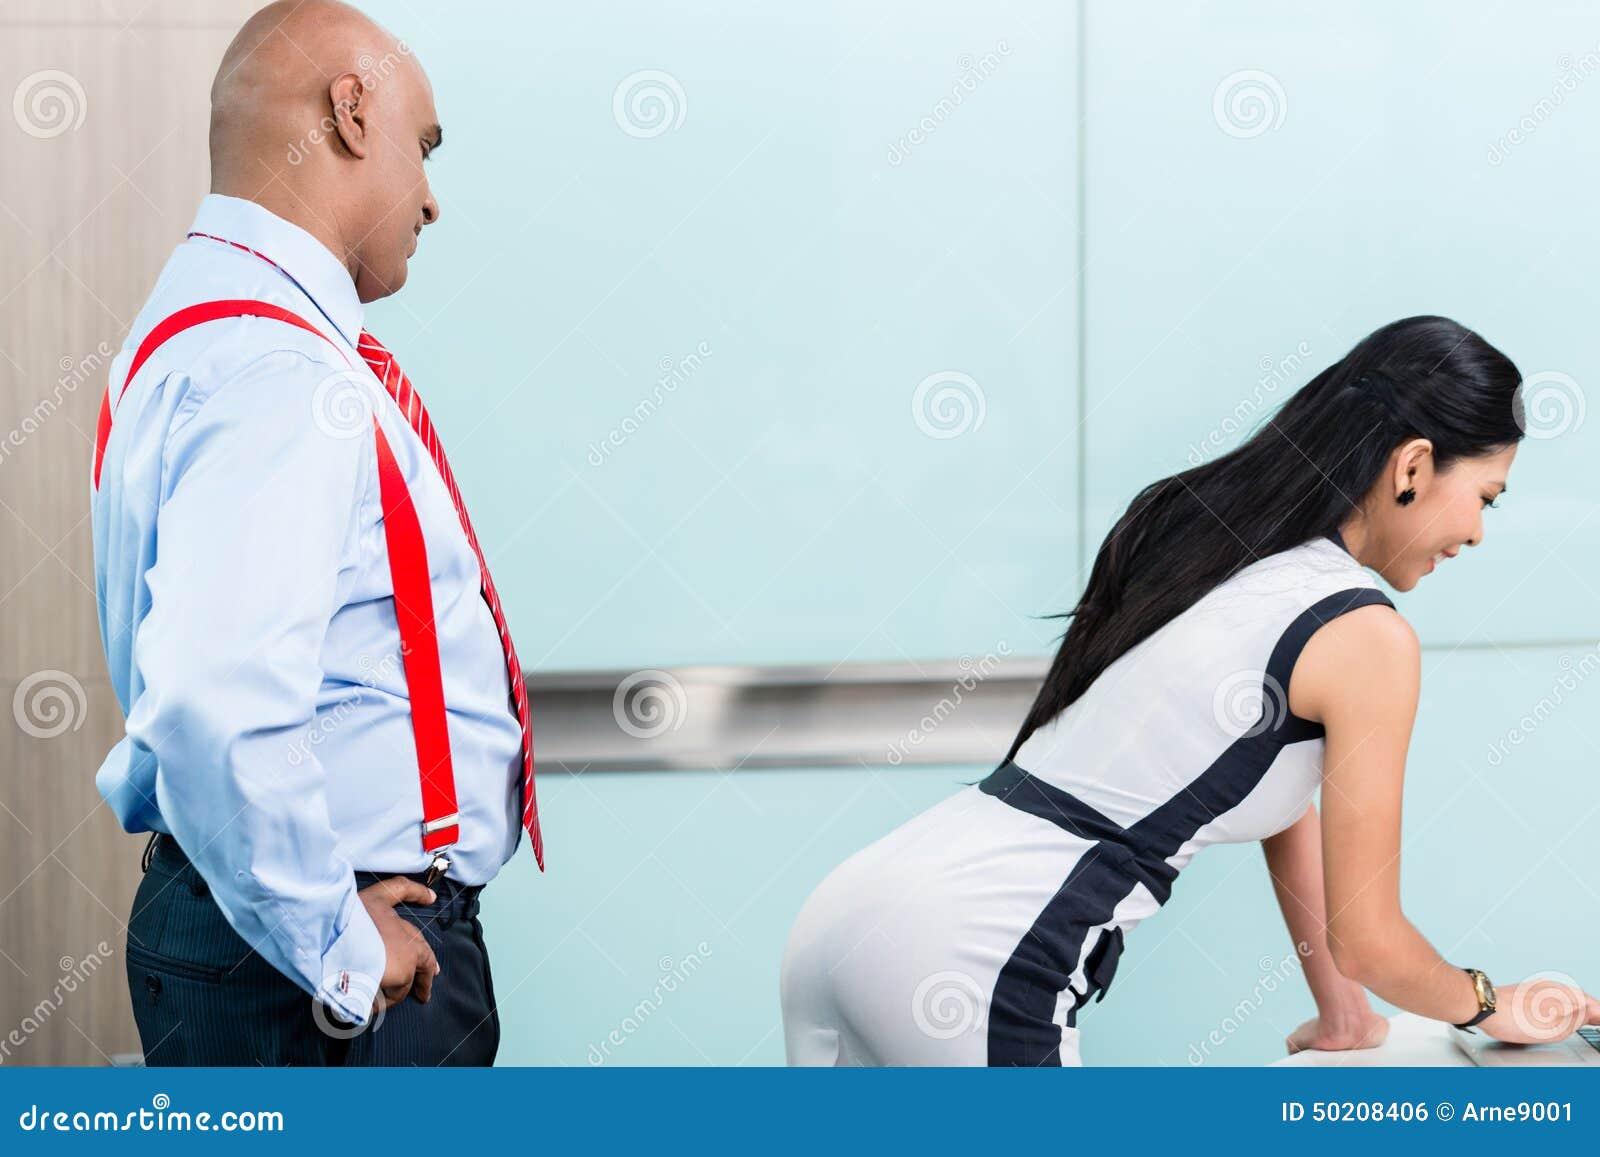 Сексуальные домогательства на рабочем месте